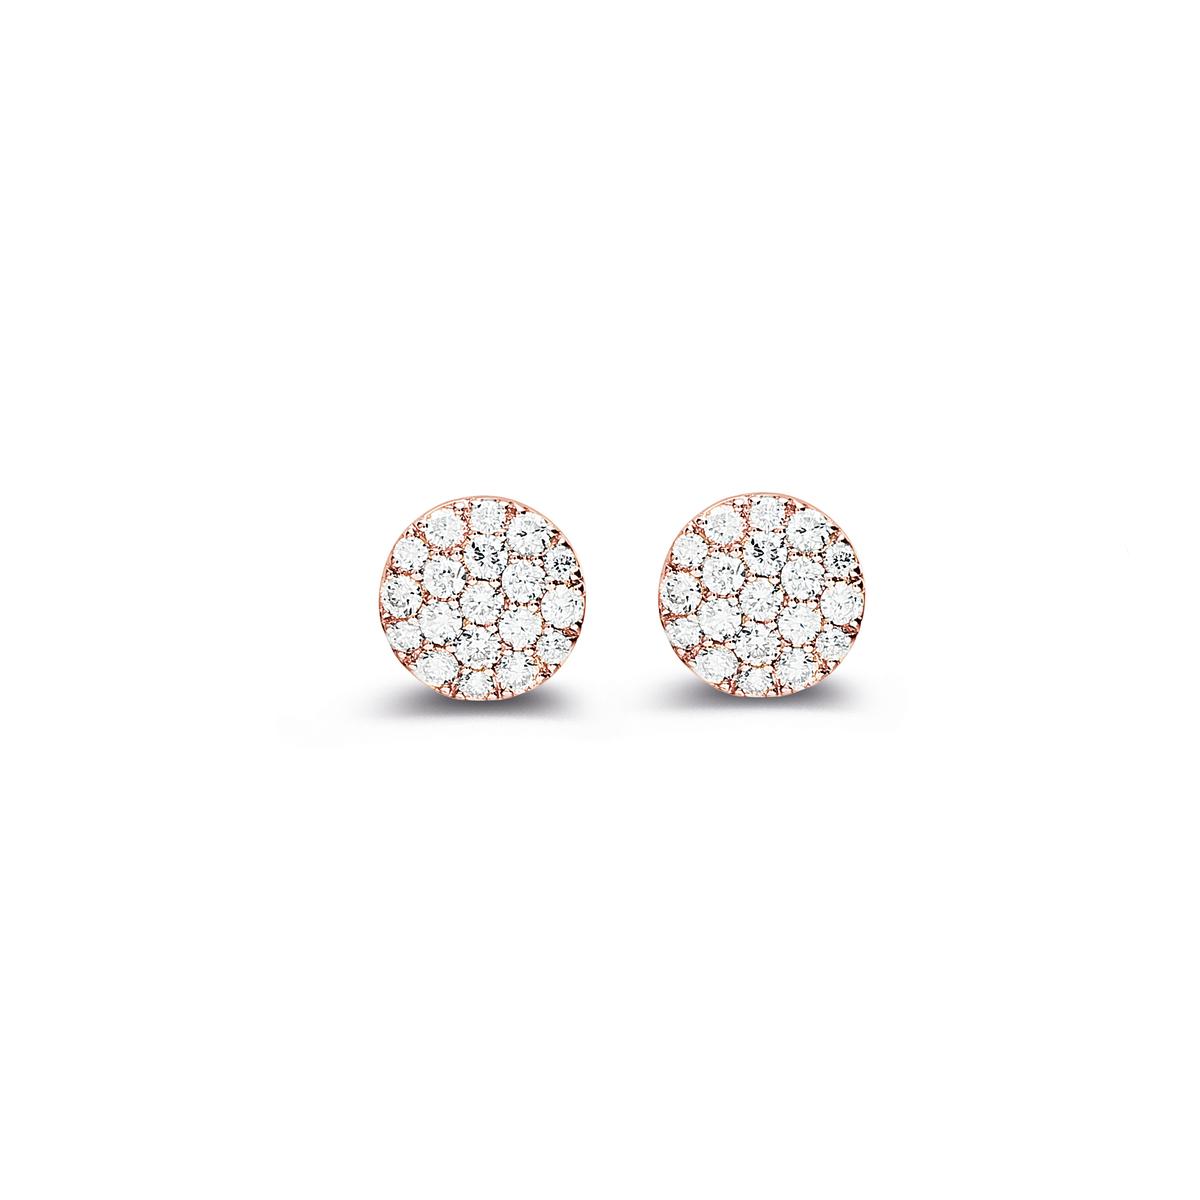 eolo earrings in rose gold